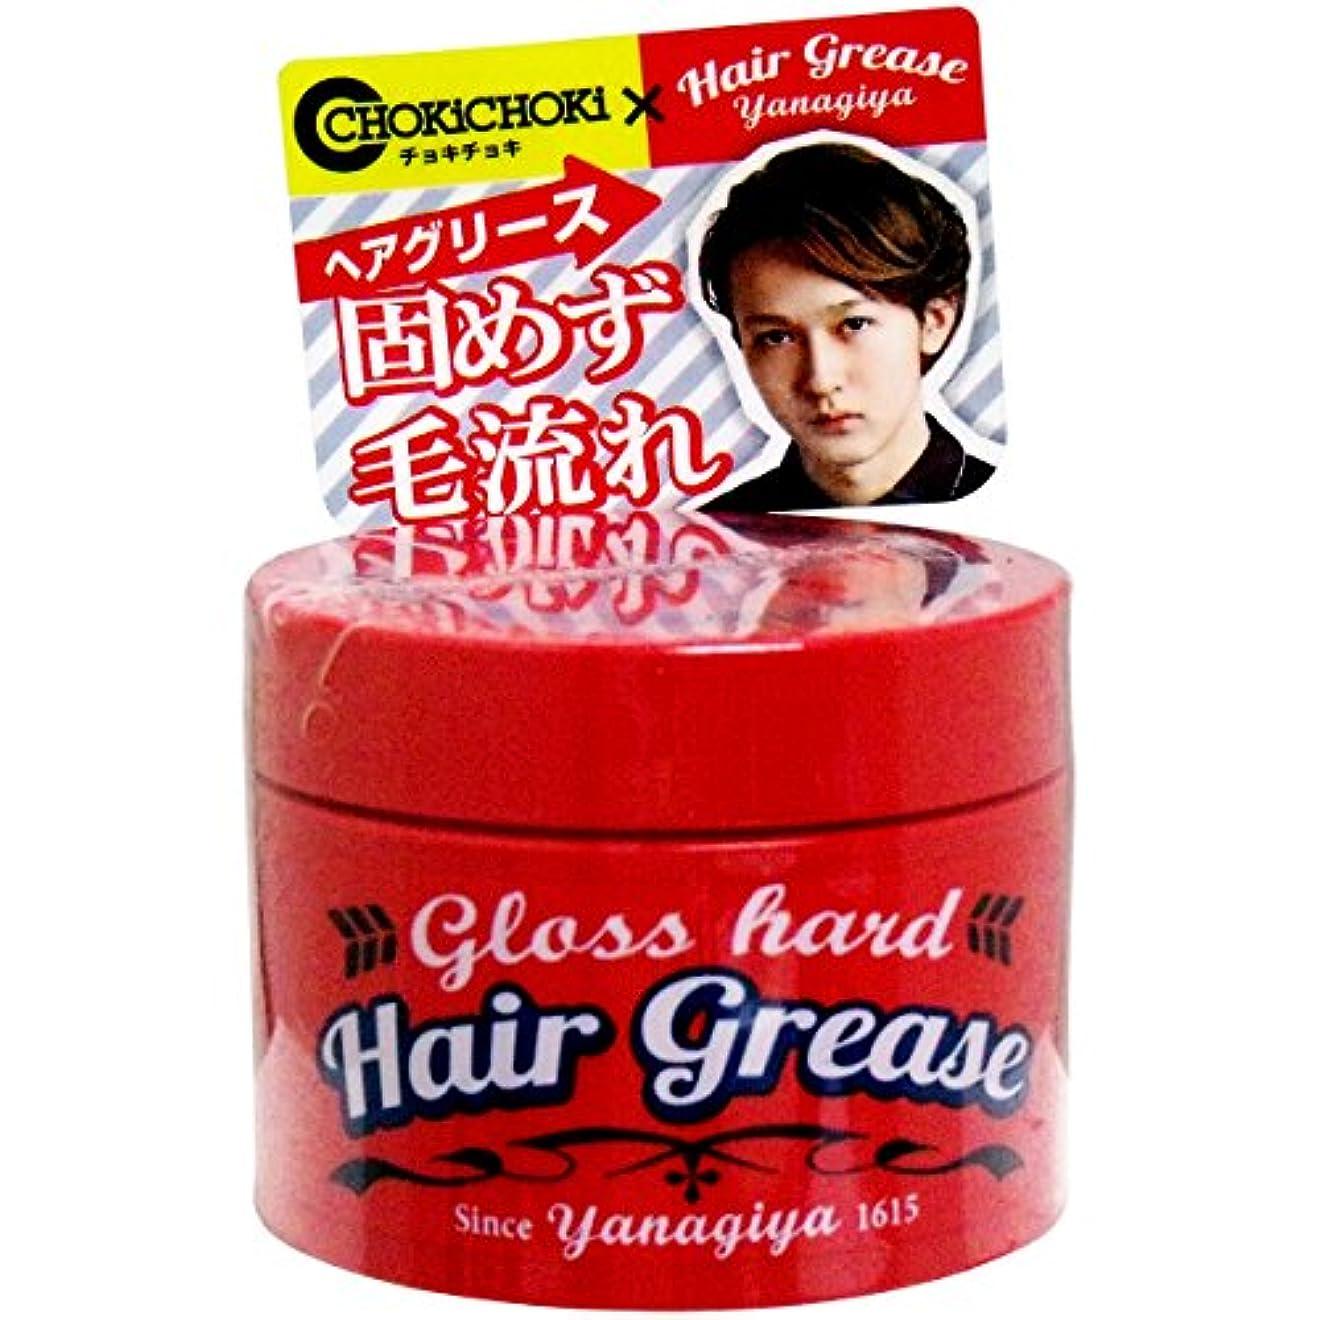 コロニアル怪しい復活するヘアワックス 固めず毛流れ 使いやすい YANAGIYA ヘアグリース グロスハード 90g入【3個セット】